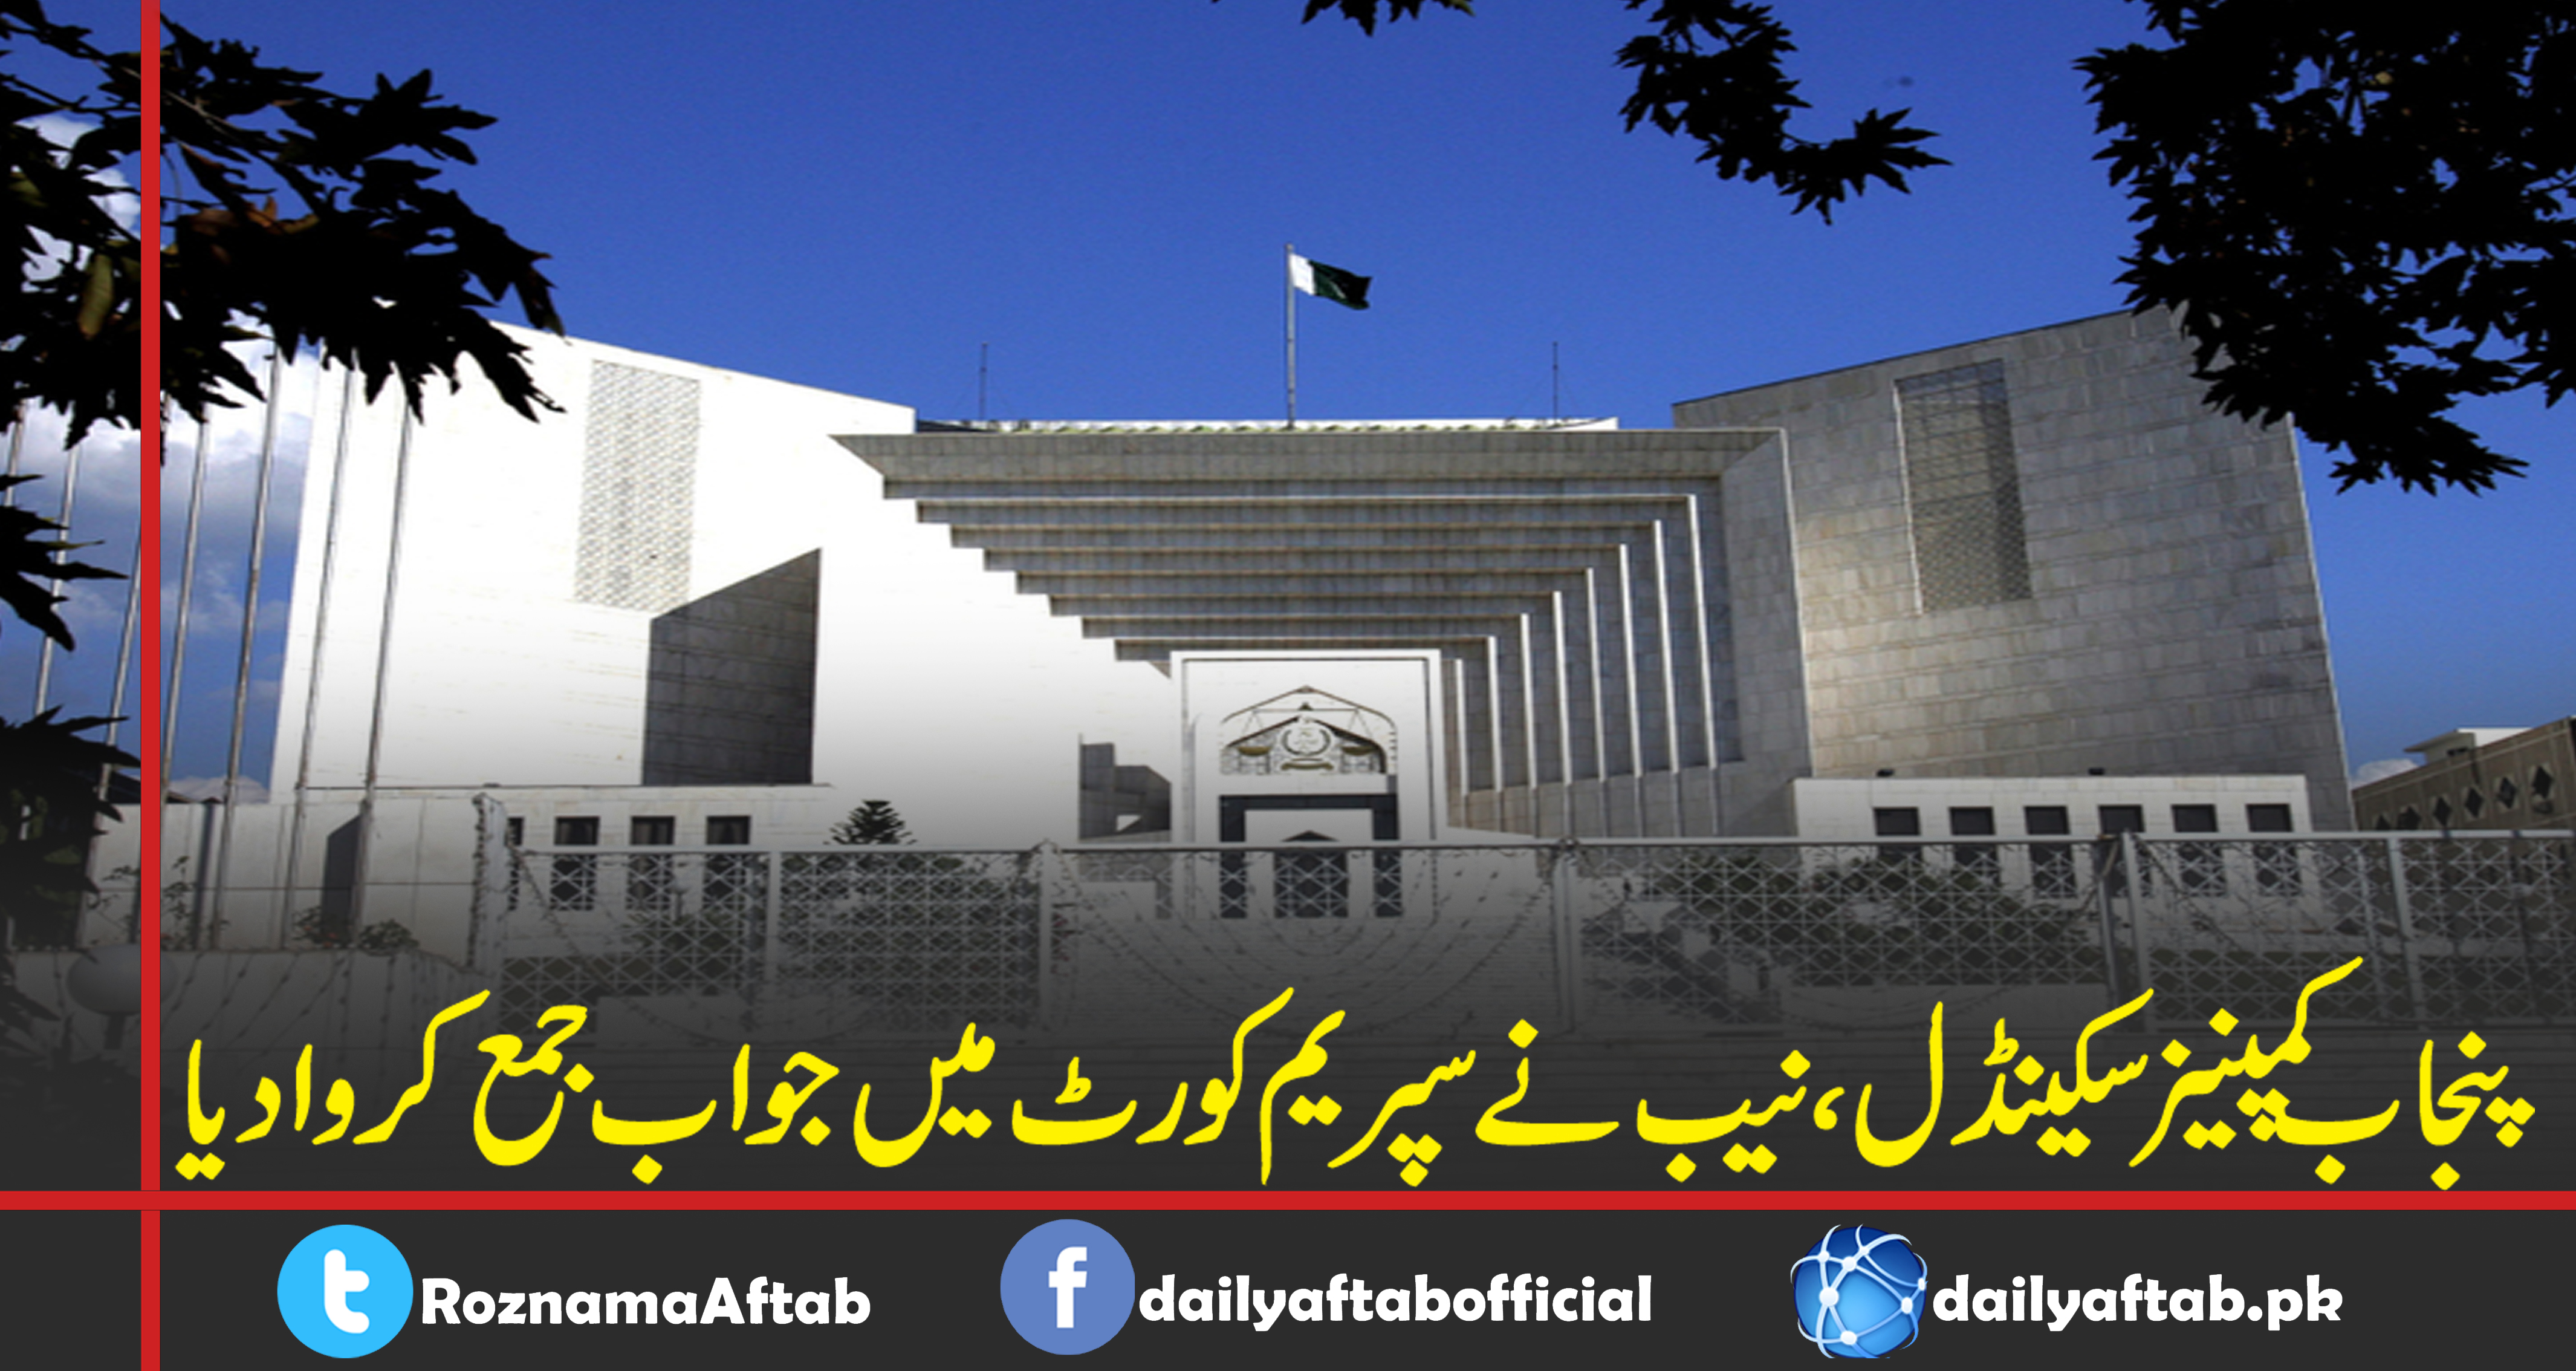 Punjab companies Scandal, NAB, SC, Shahbaz Sharif